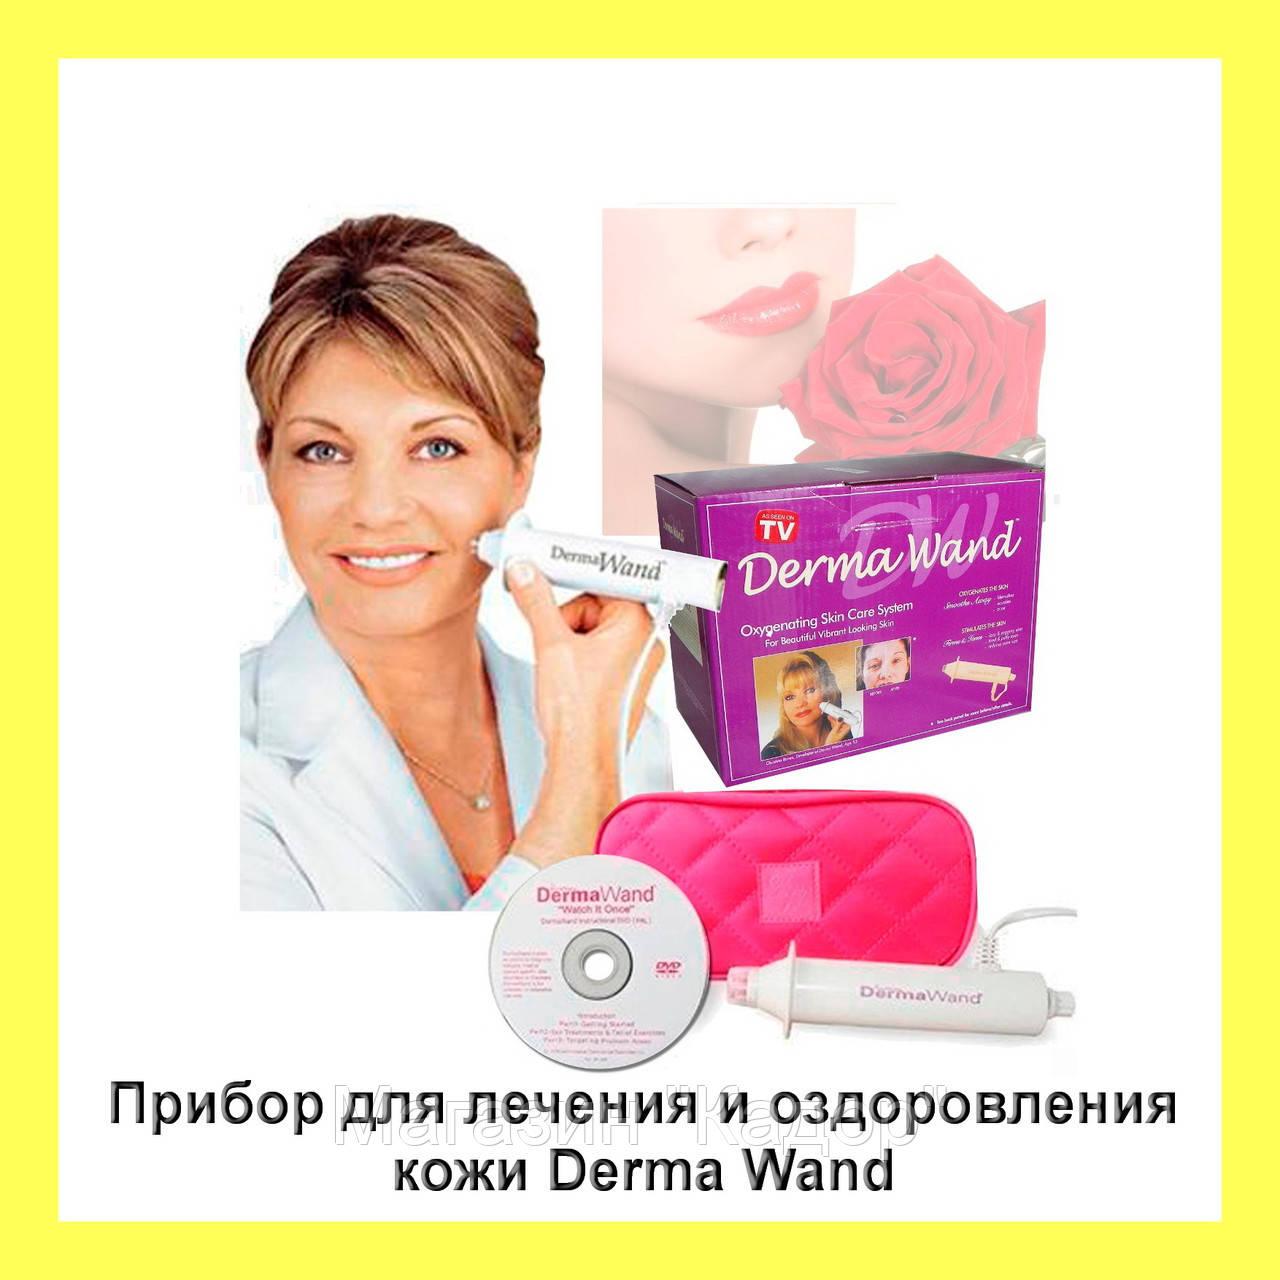 """Прибор для лечения и оздоровления кожи Derma Wand - Магазин """"Кадор"""" в Одессе"""